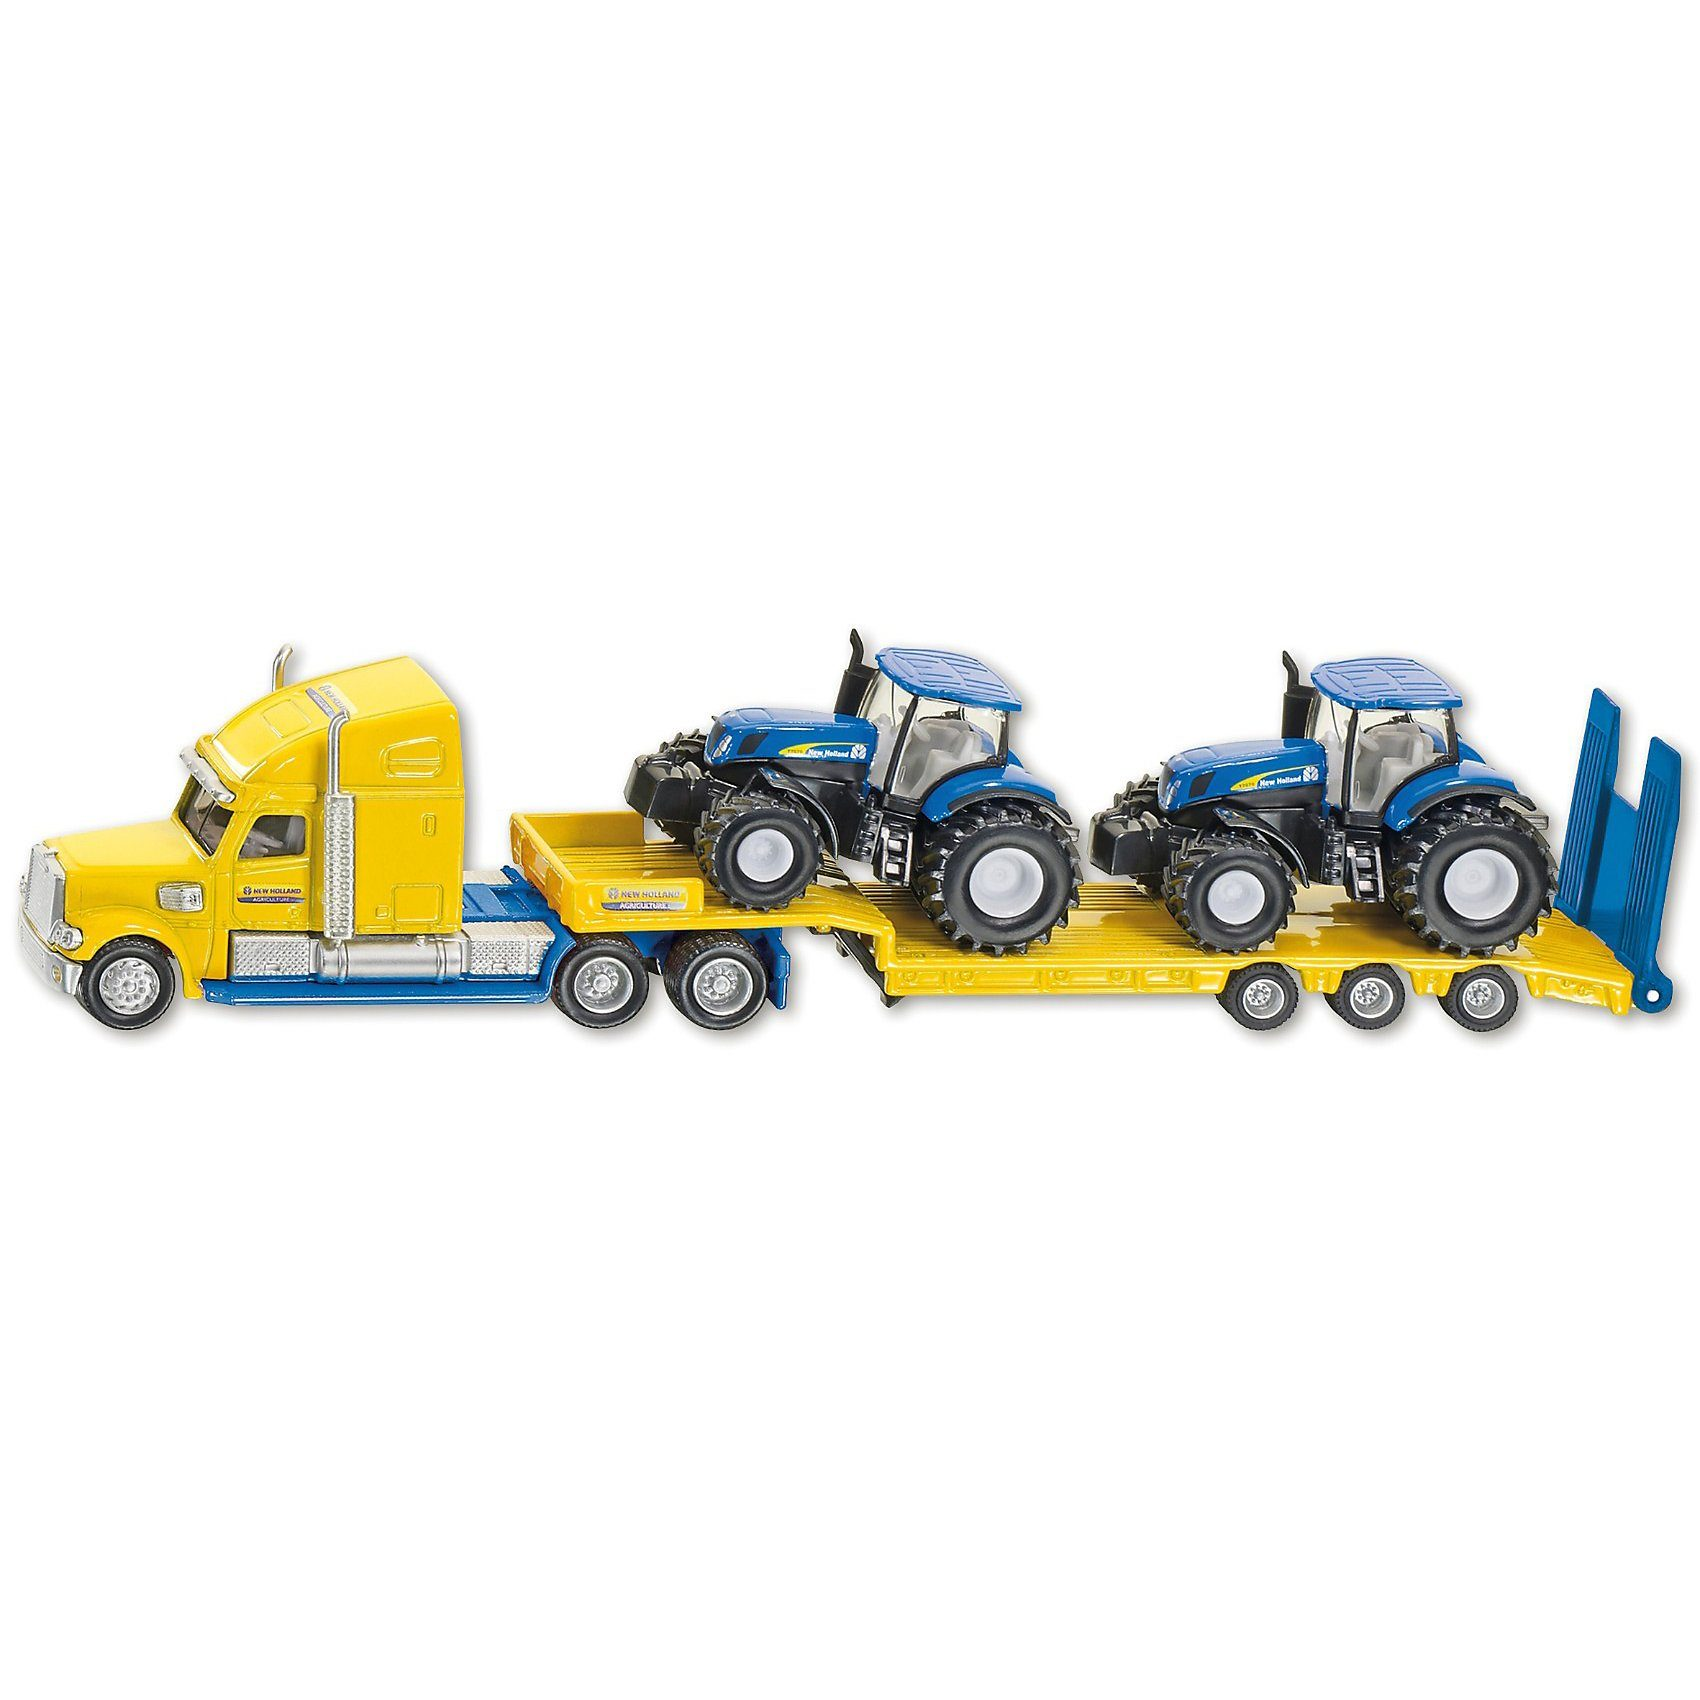 Siku 1805 LKW mit New Holland Traktor